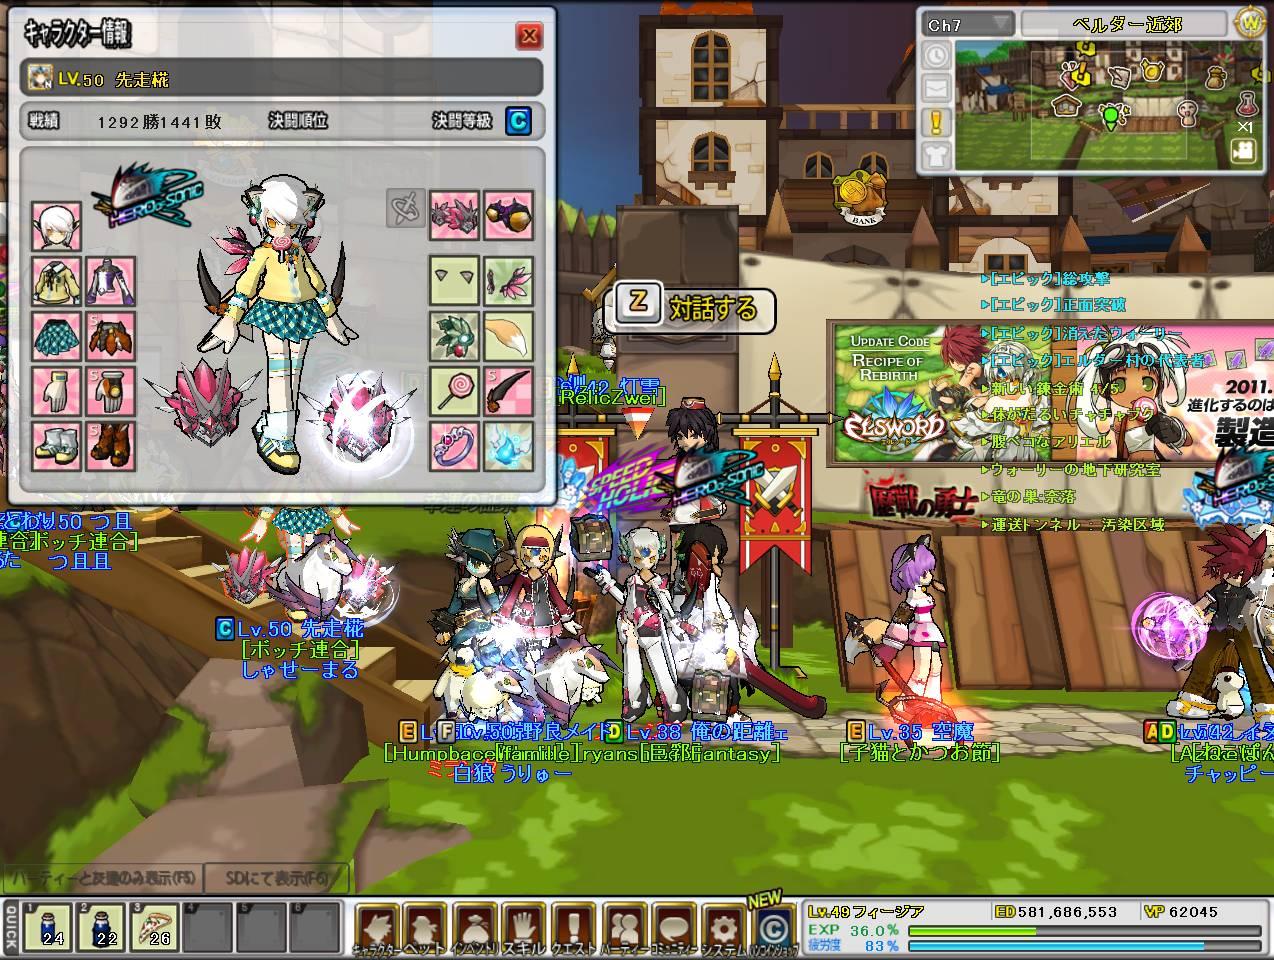 SC_2011_5_20_20_45_46_.jpg